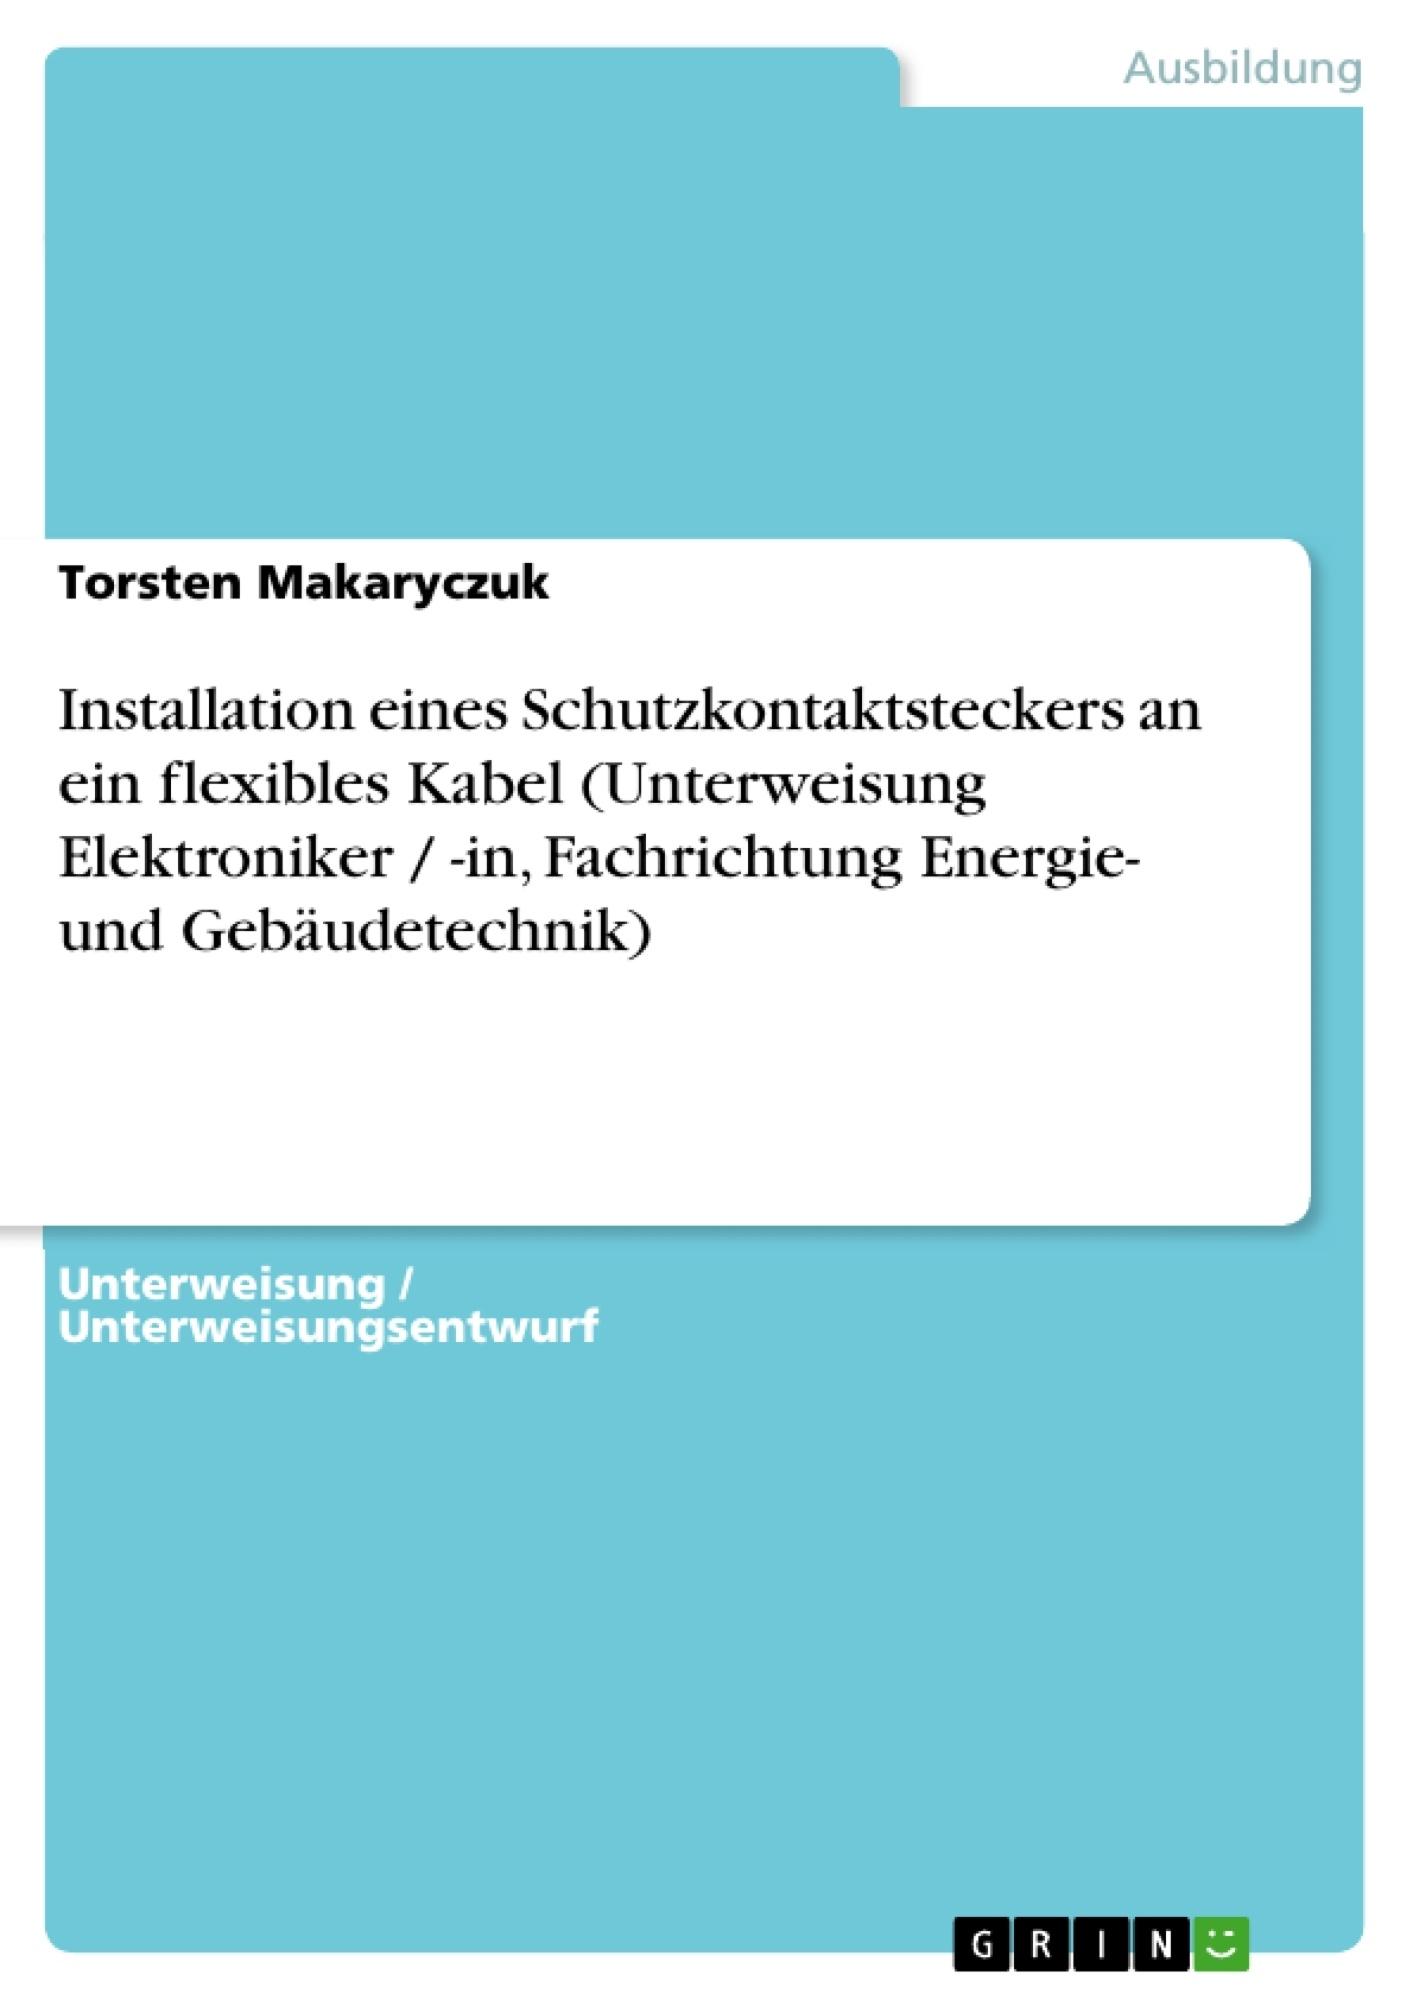 Titel: Installation eines Schutzkontaktsteckers an ein flexibles Kabel (Unterweisung Elektroniker / -in, Fachrichtung Energie- und Gebäudetechnik)